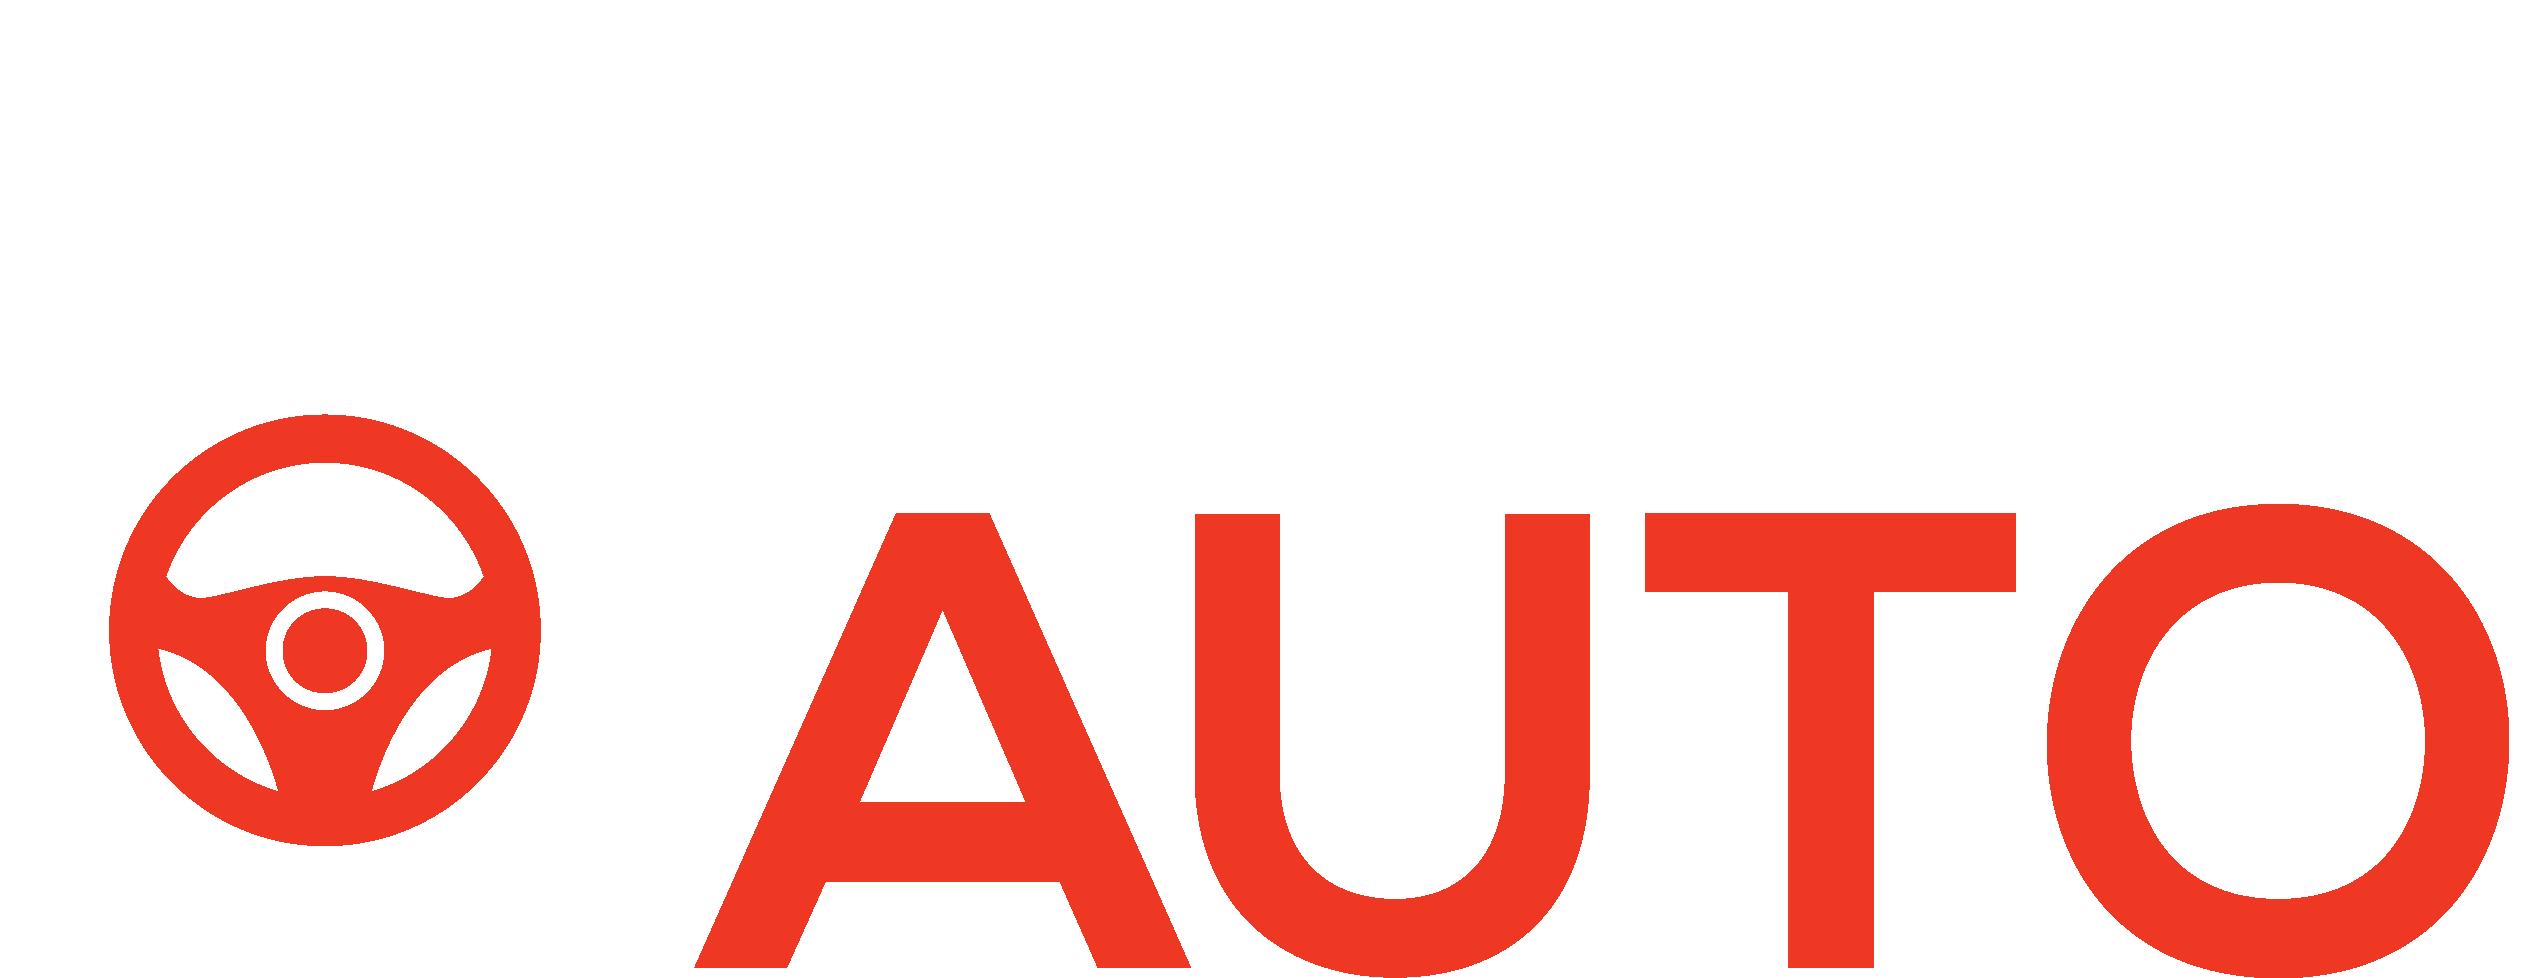 setme-auto